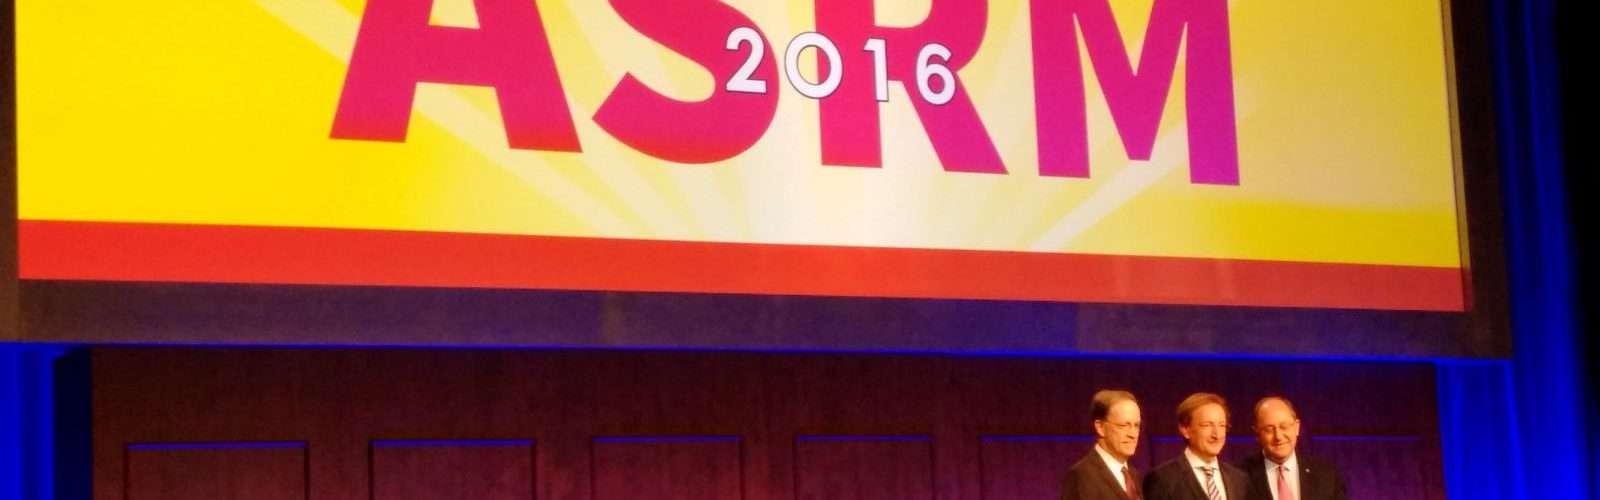 La ASRM premia Carlos Simón